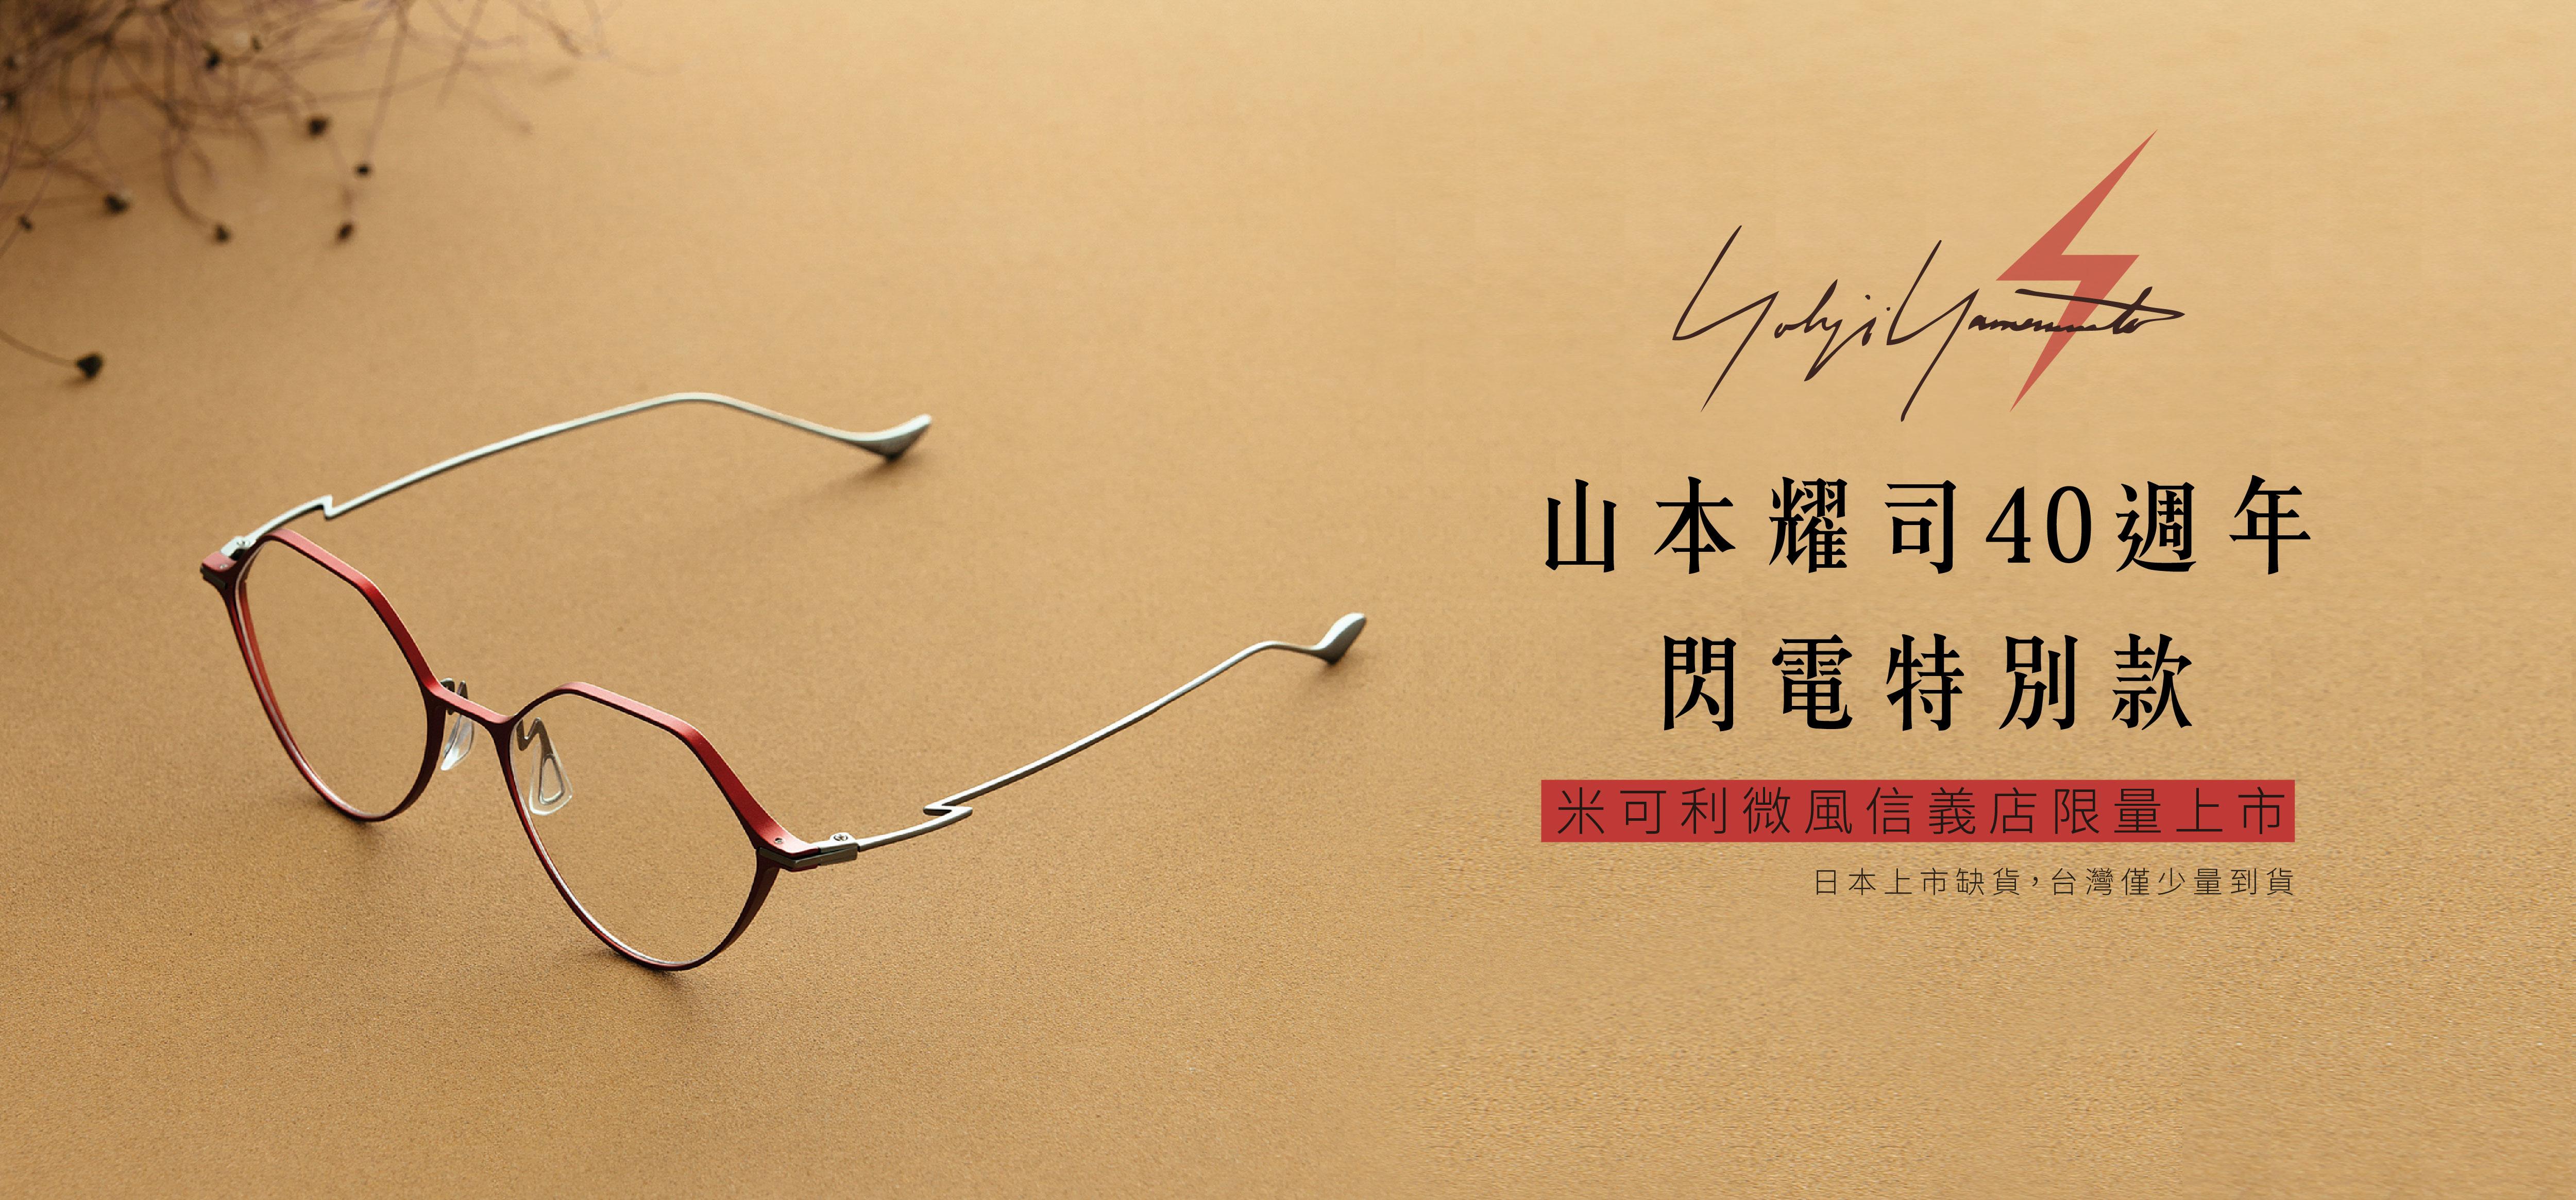 山本耀司 閃電流線經典結構限量款(啞光紅) YY3021-209